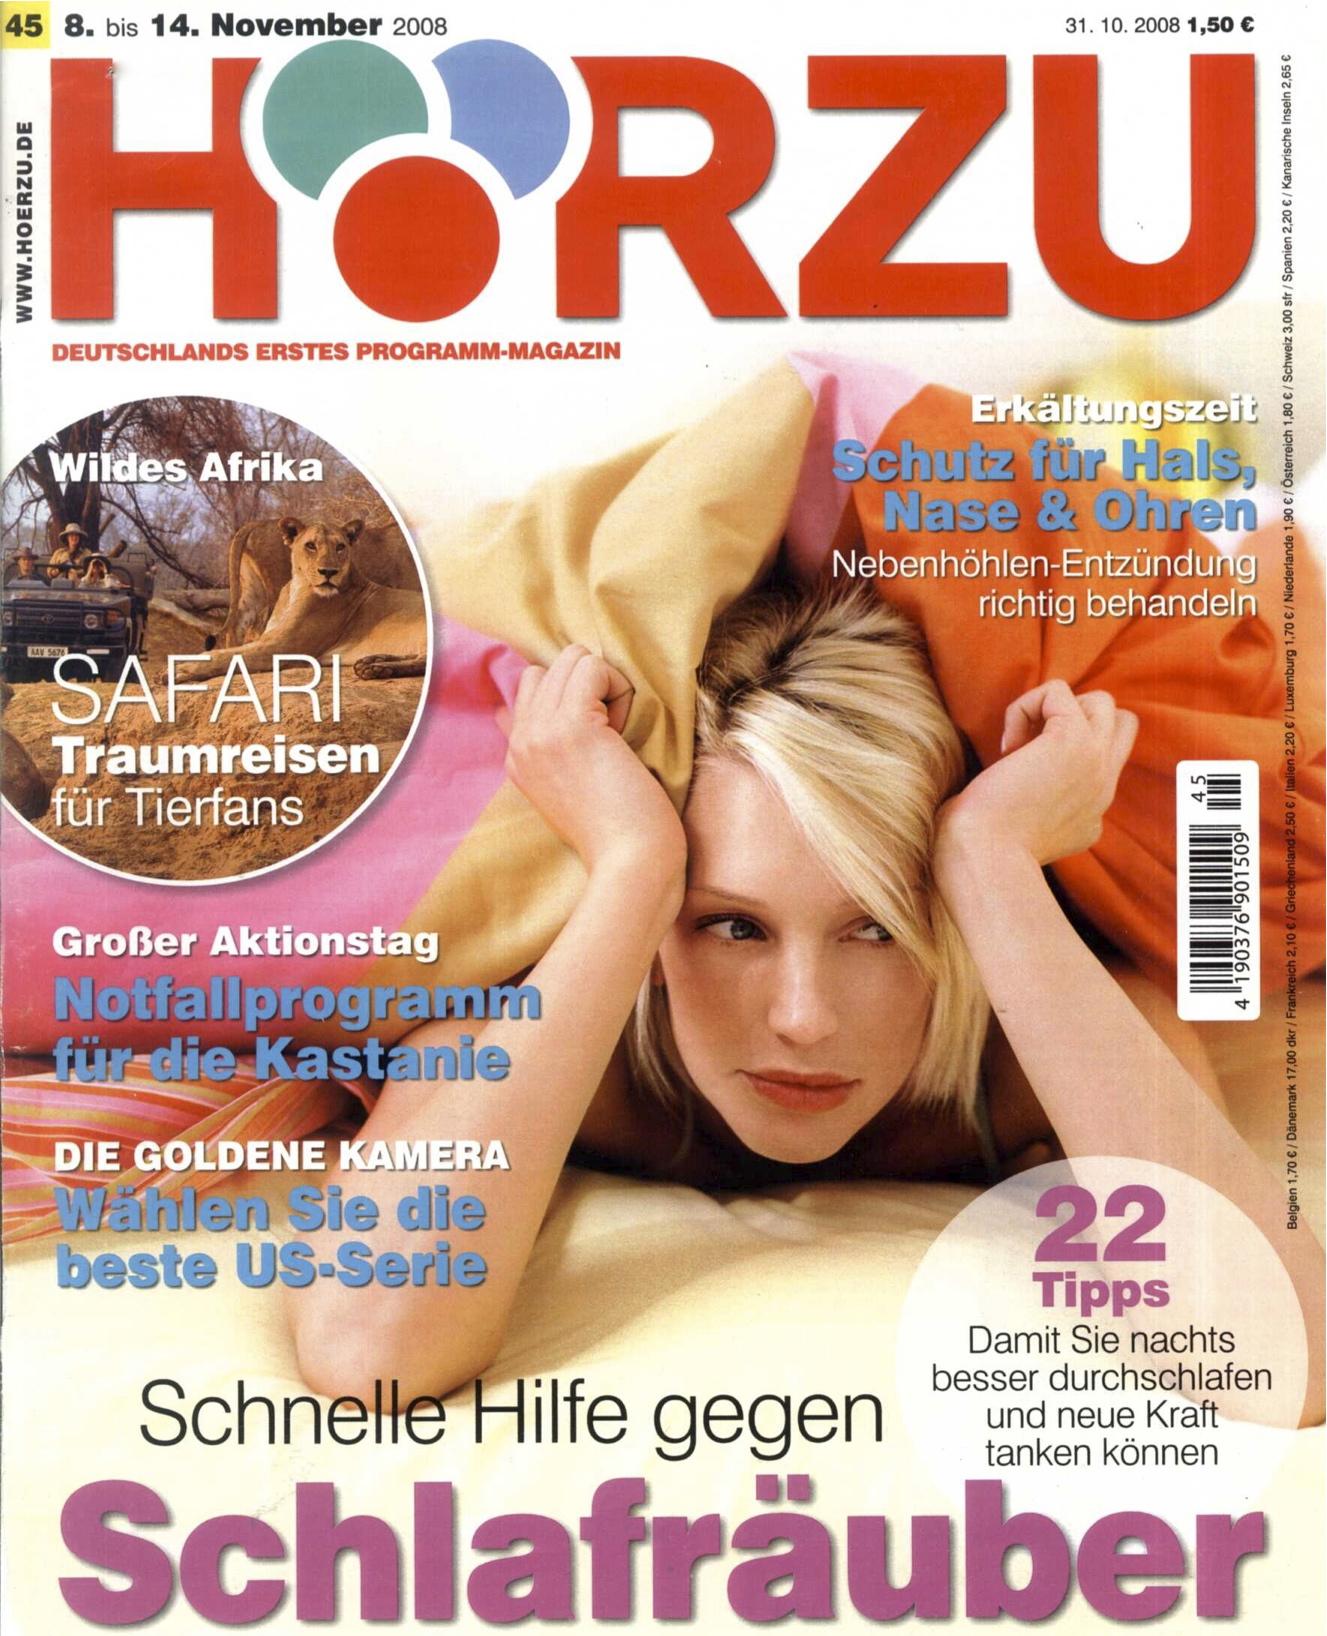 HZ_31.10.2008_Cover.jpg